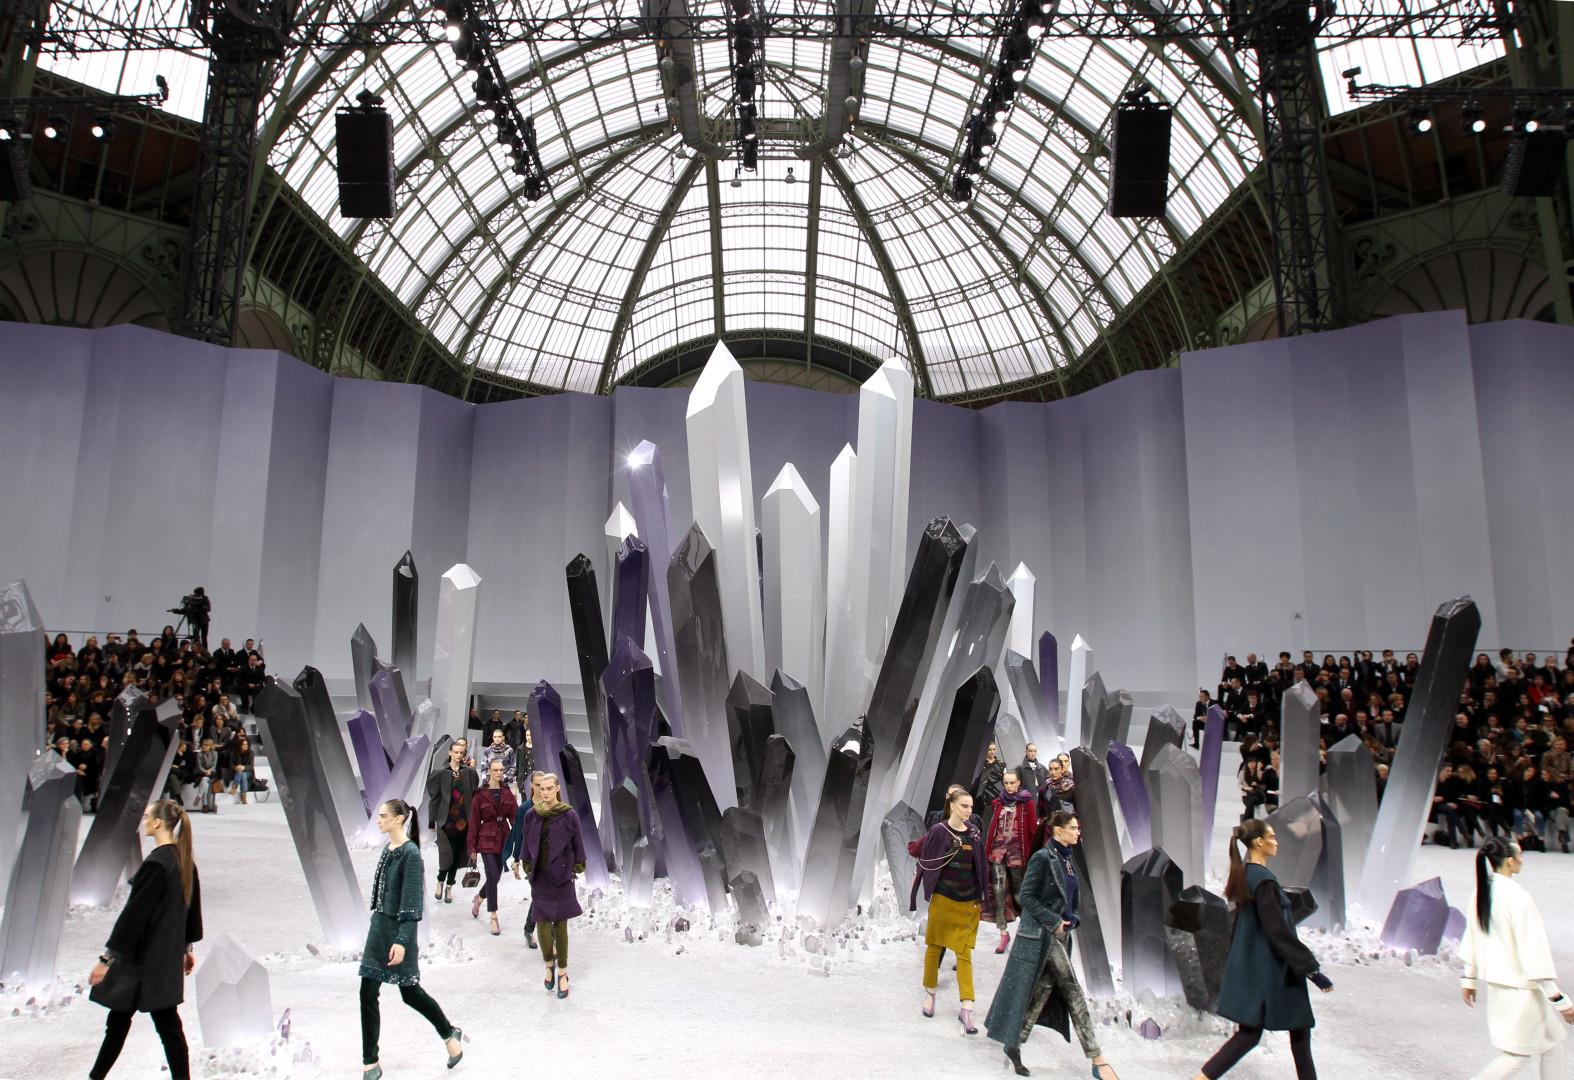 Un décors fantastique avec des cristaux géants.